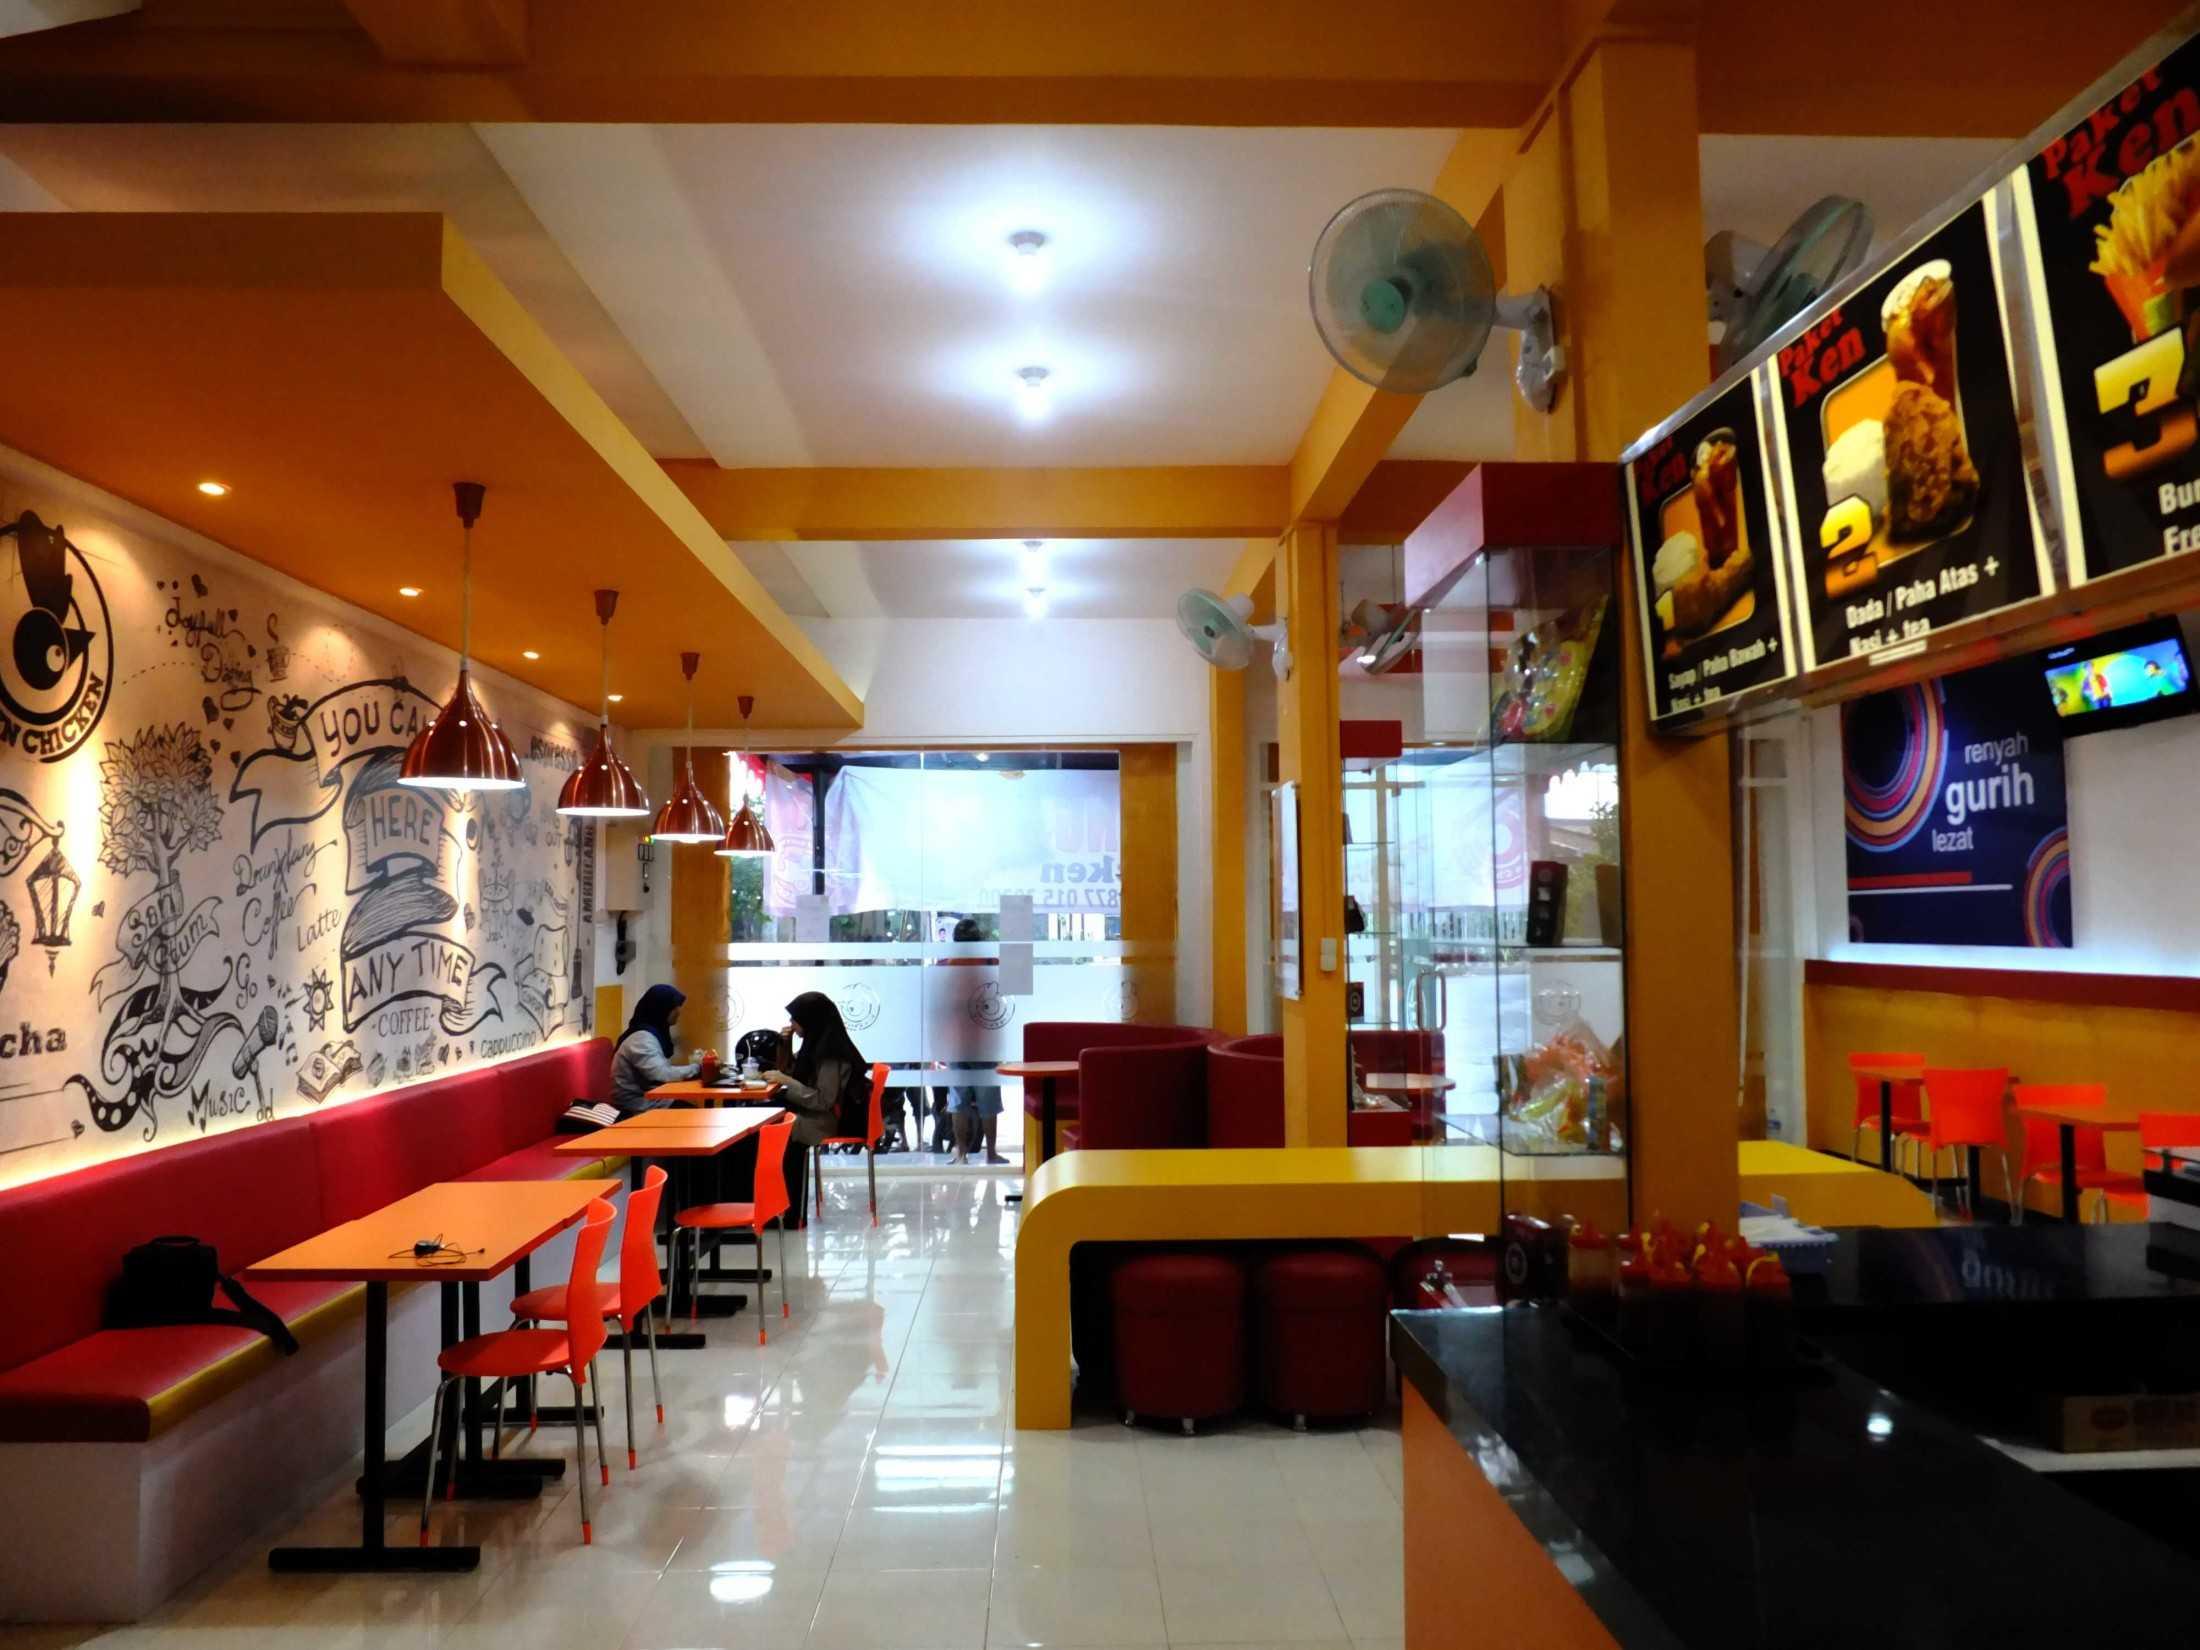 Josaf Sayoko Kenchicken Melati Malang, Kota Malang, Jawa Timur, Indonesia Malang, Kota Malang, Jawa Timur, Indonesia Josaf-Sayoko-Kenchicken-Melati  57622